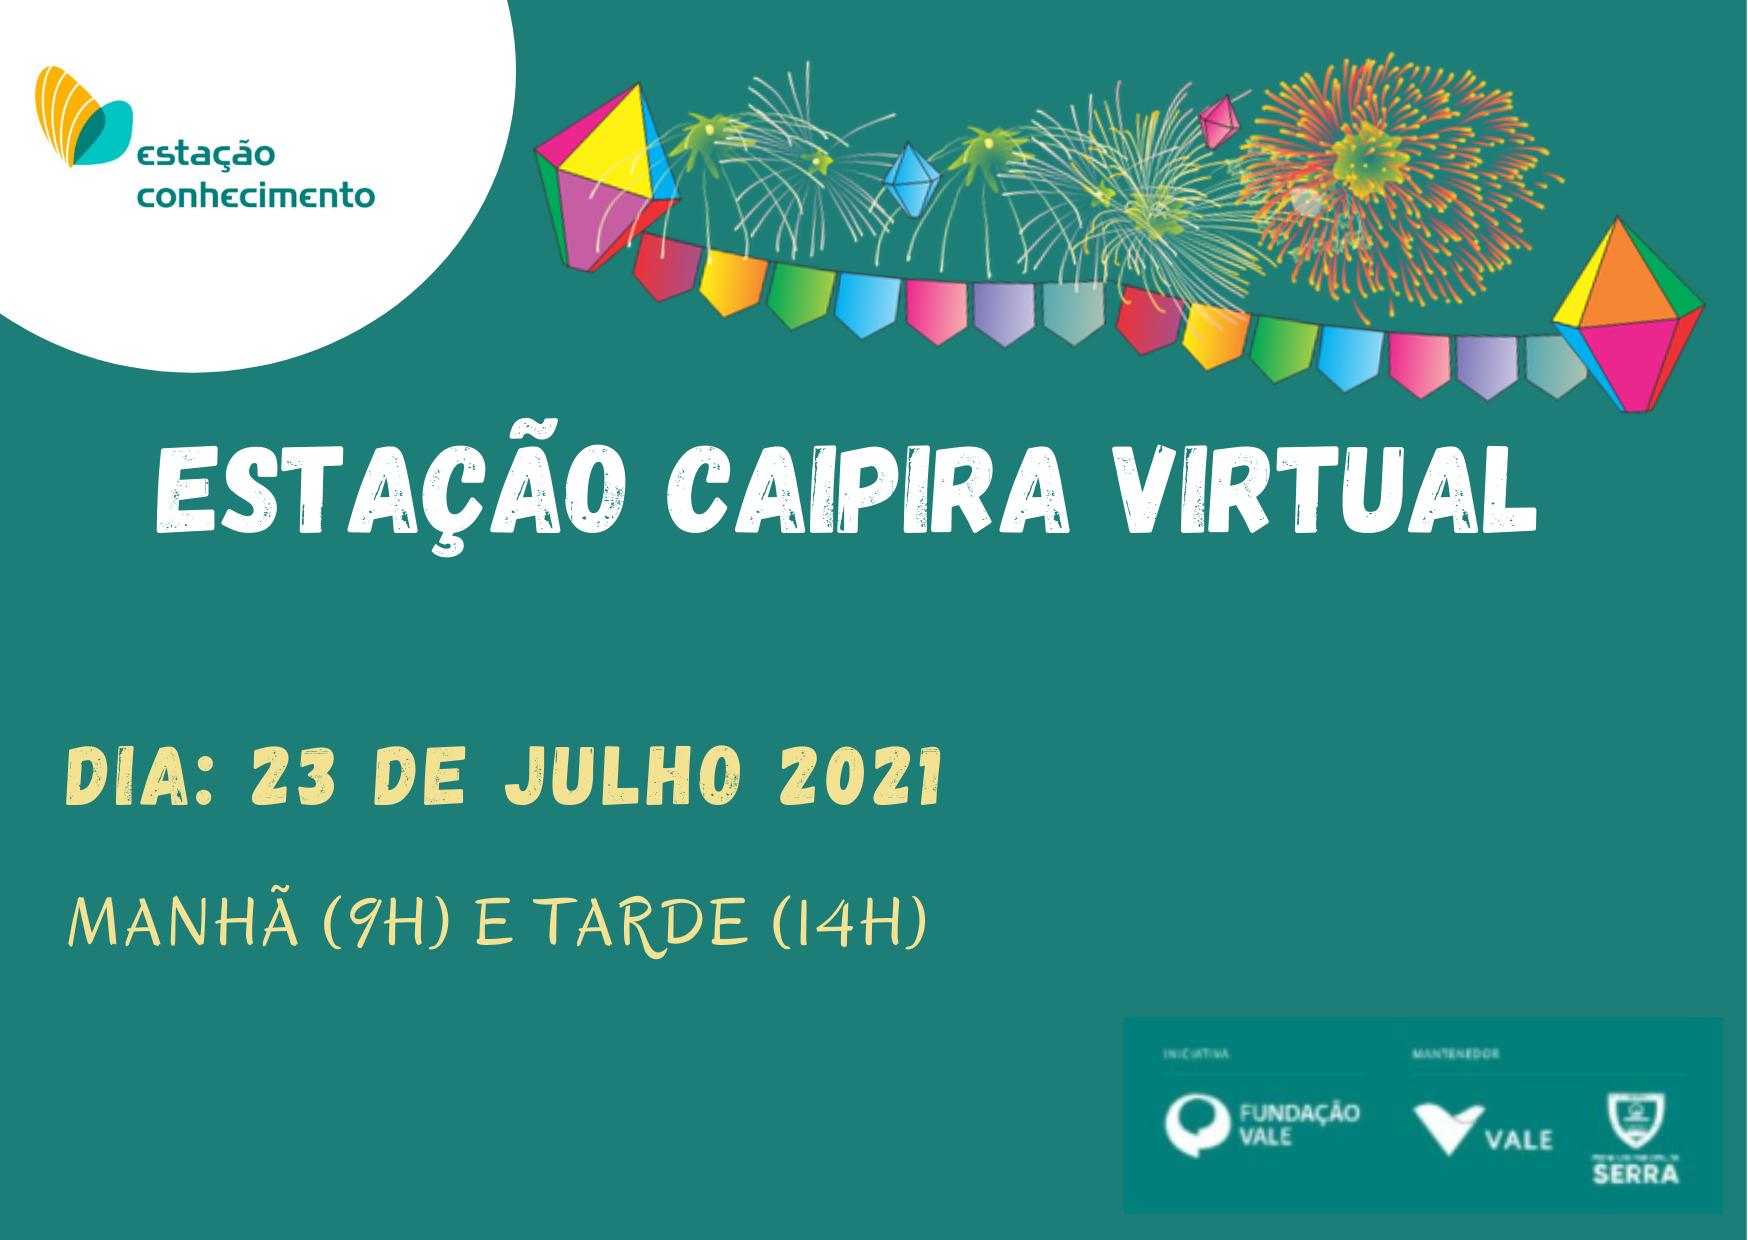 """Estação Conhecimento leva diversão a usuários e familiares com """"Estação Caipira Virtual"""""""